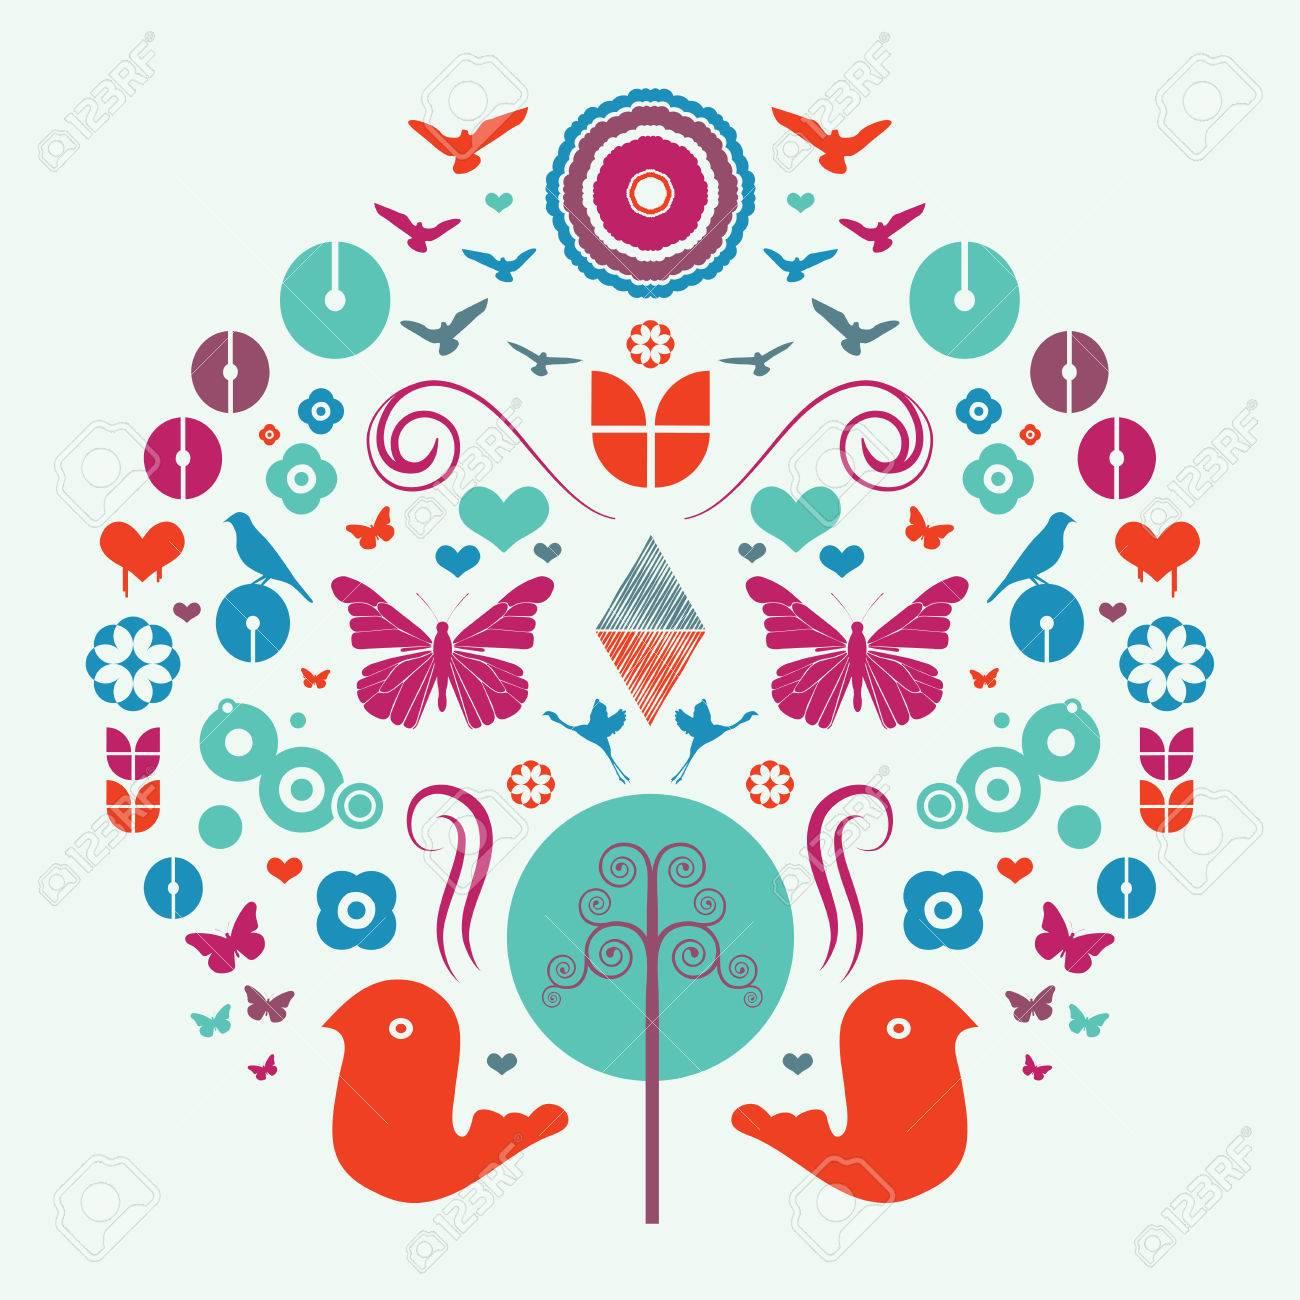 さまざまな動物のカラフルな抽象的なデザインのイラスト. ロイヤリティ